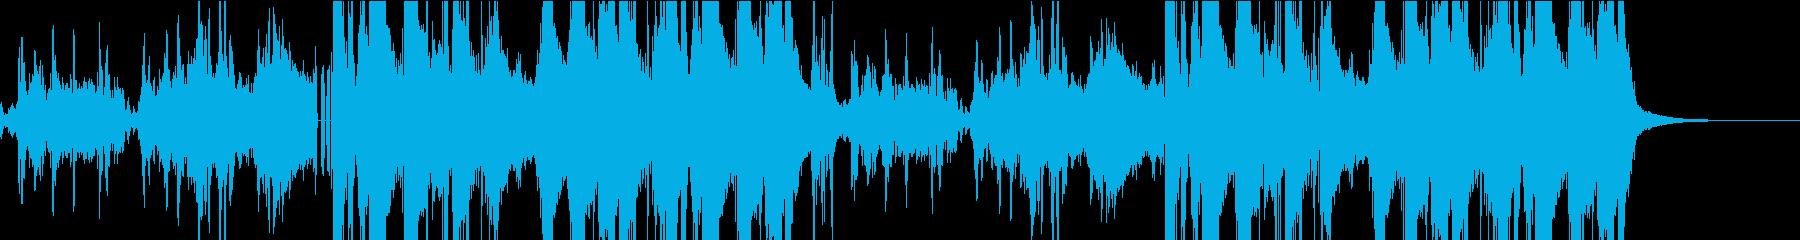 憂鬱なメロディのピアノバラードの再生済みの波形